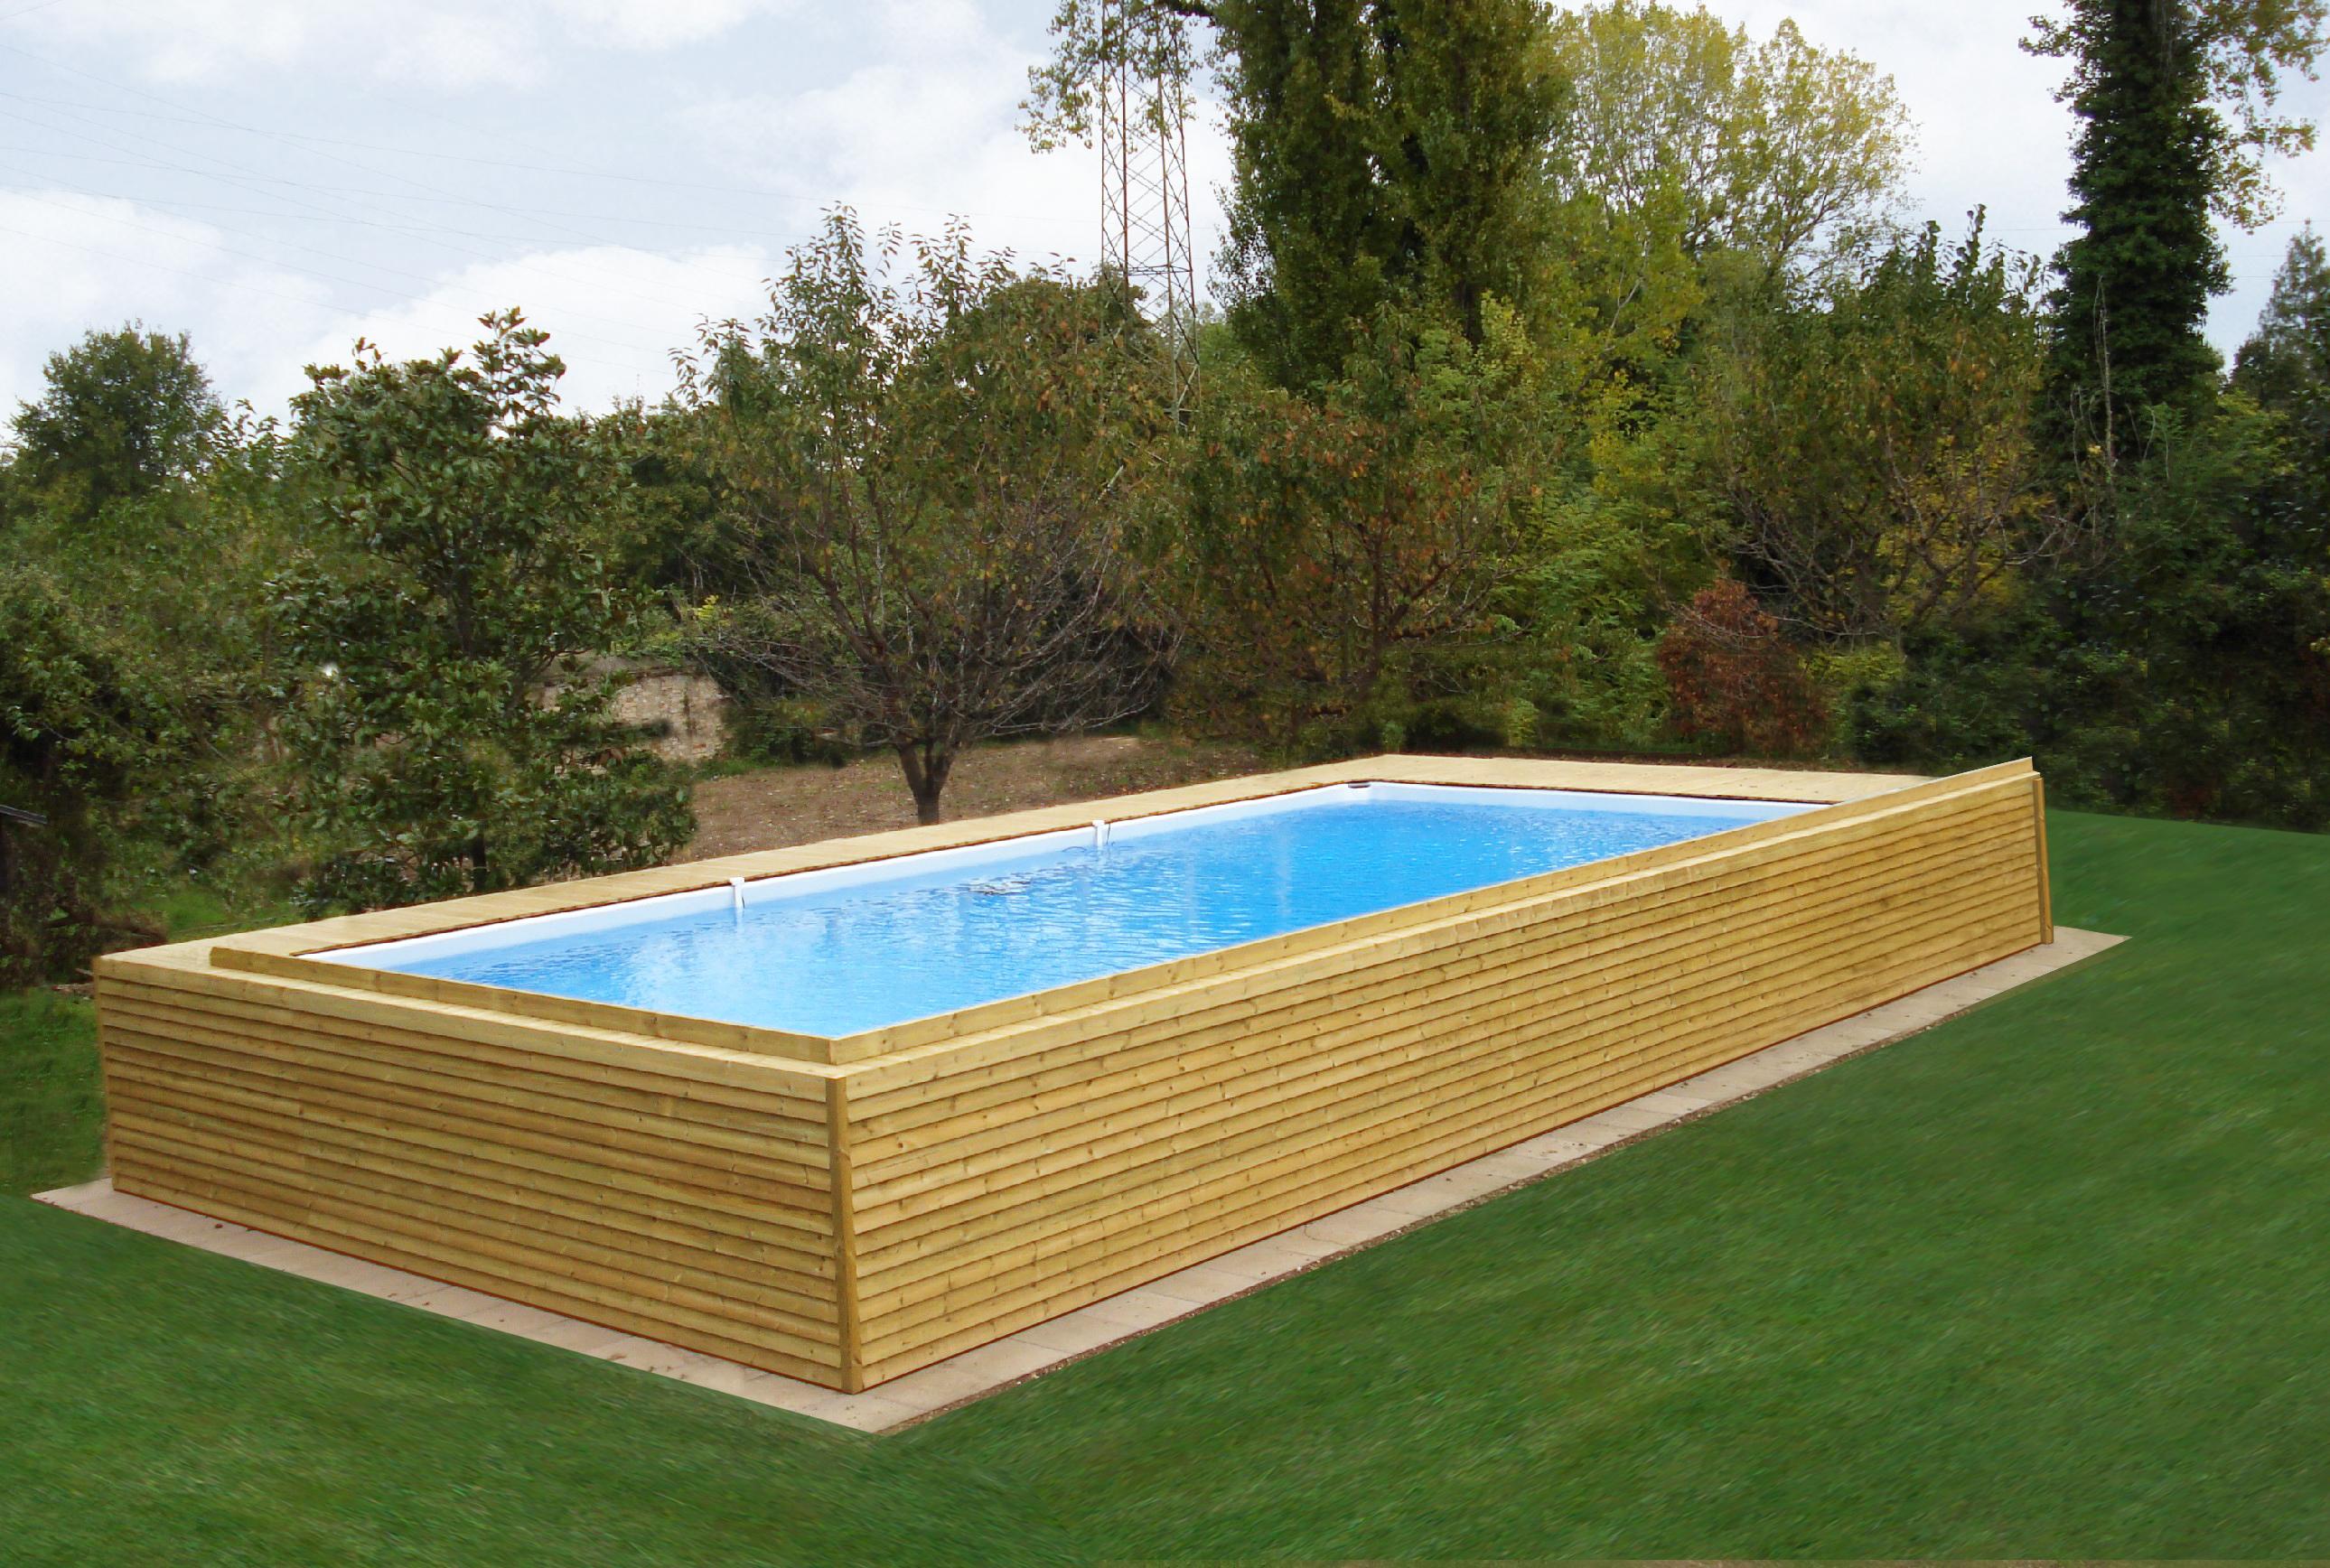 Rivestimento in legno per piscine fuori terra zs15 for Piscine fuori terra rivestite